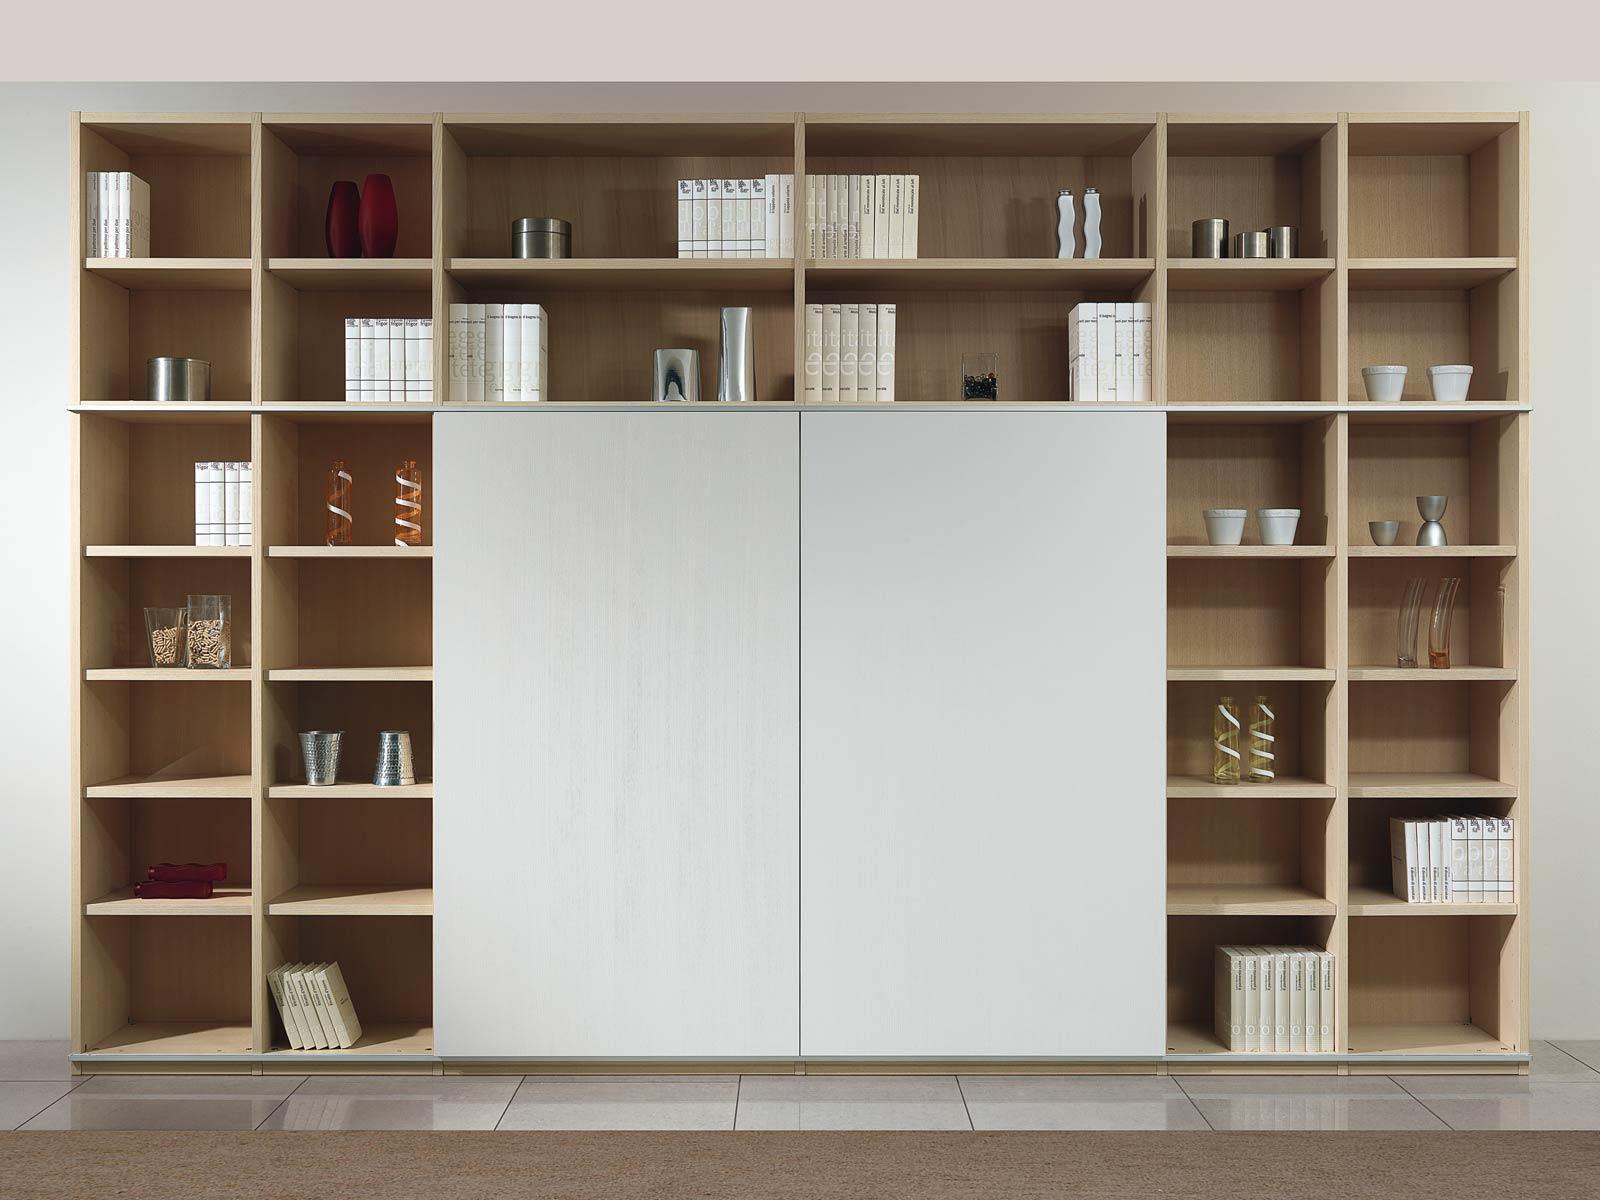 Librerie 3 meroni arreda - Libreria con porta ...